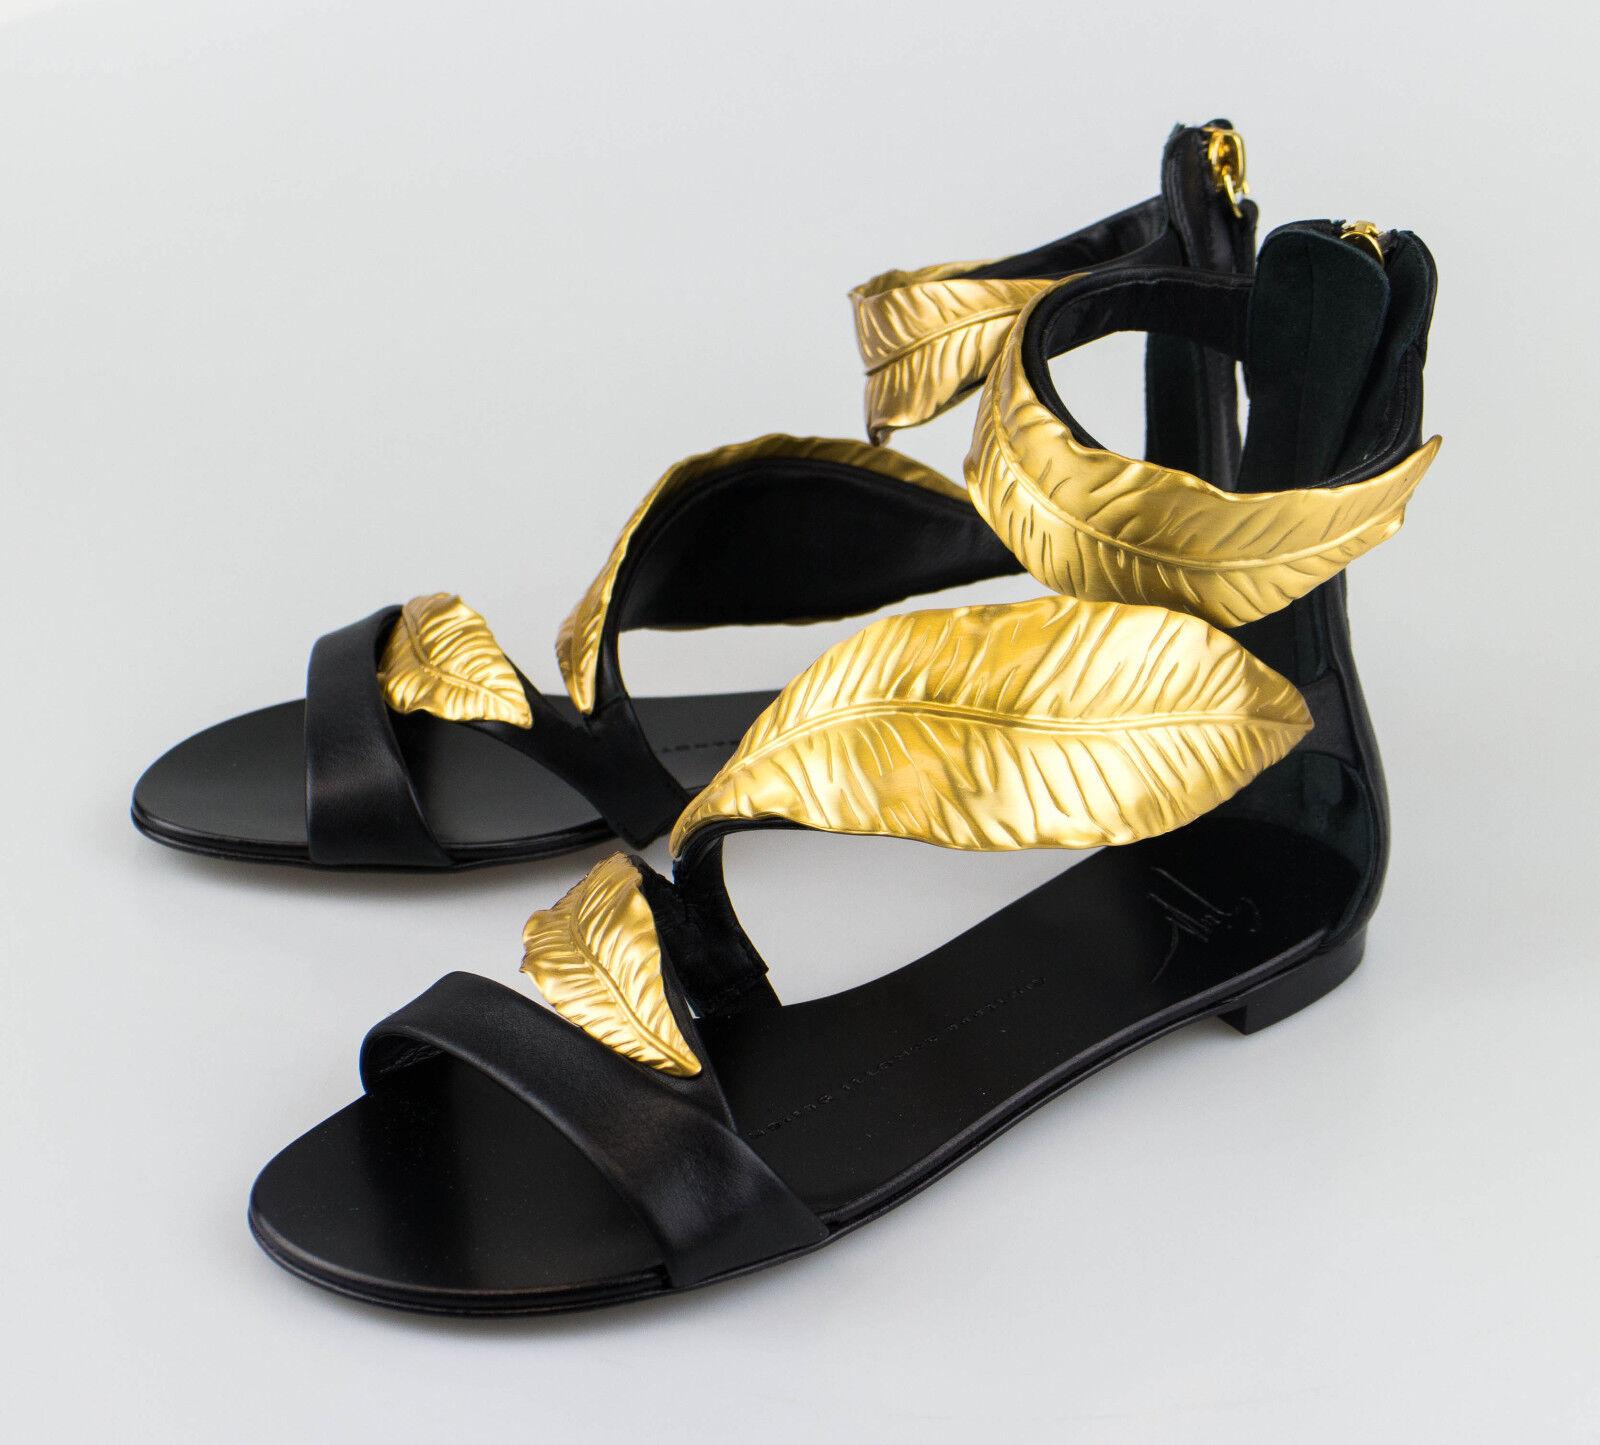 Neu. Giuseppe Zanotti Rolle Jeti Schwarz Leder Sandalen Schuhe 6.5 Us 36.5 Eu      Feine Verarbeitung